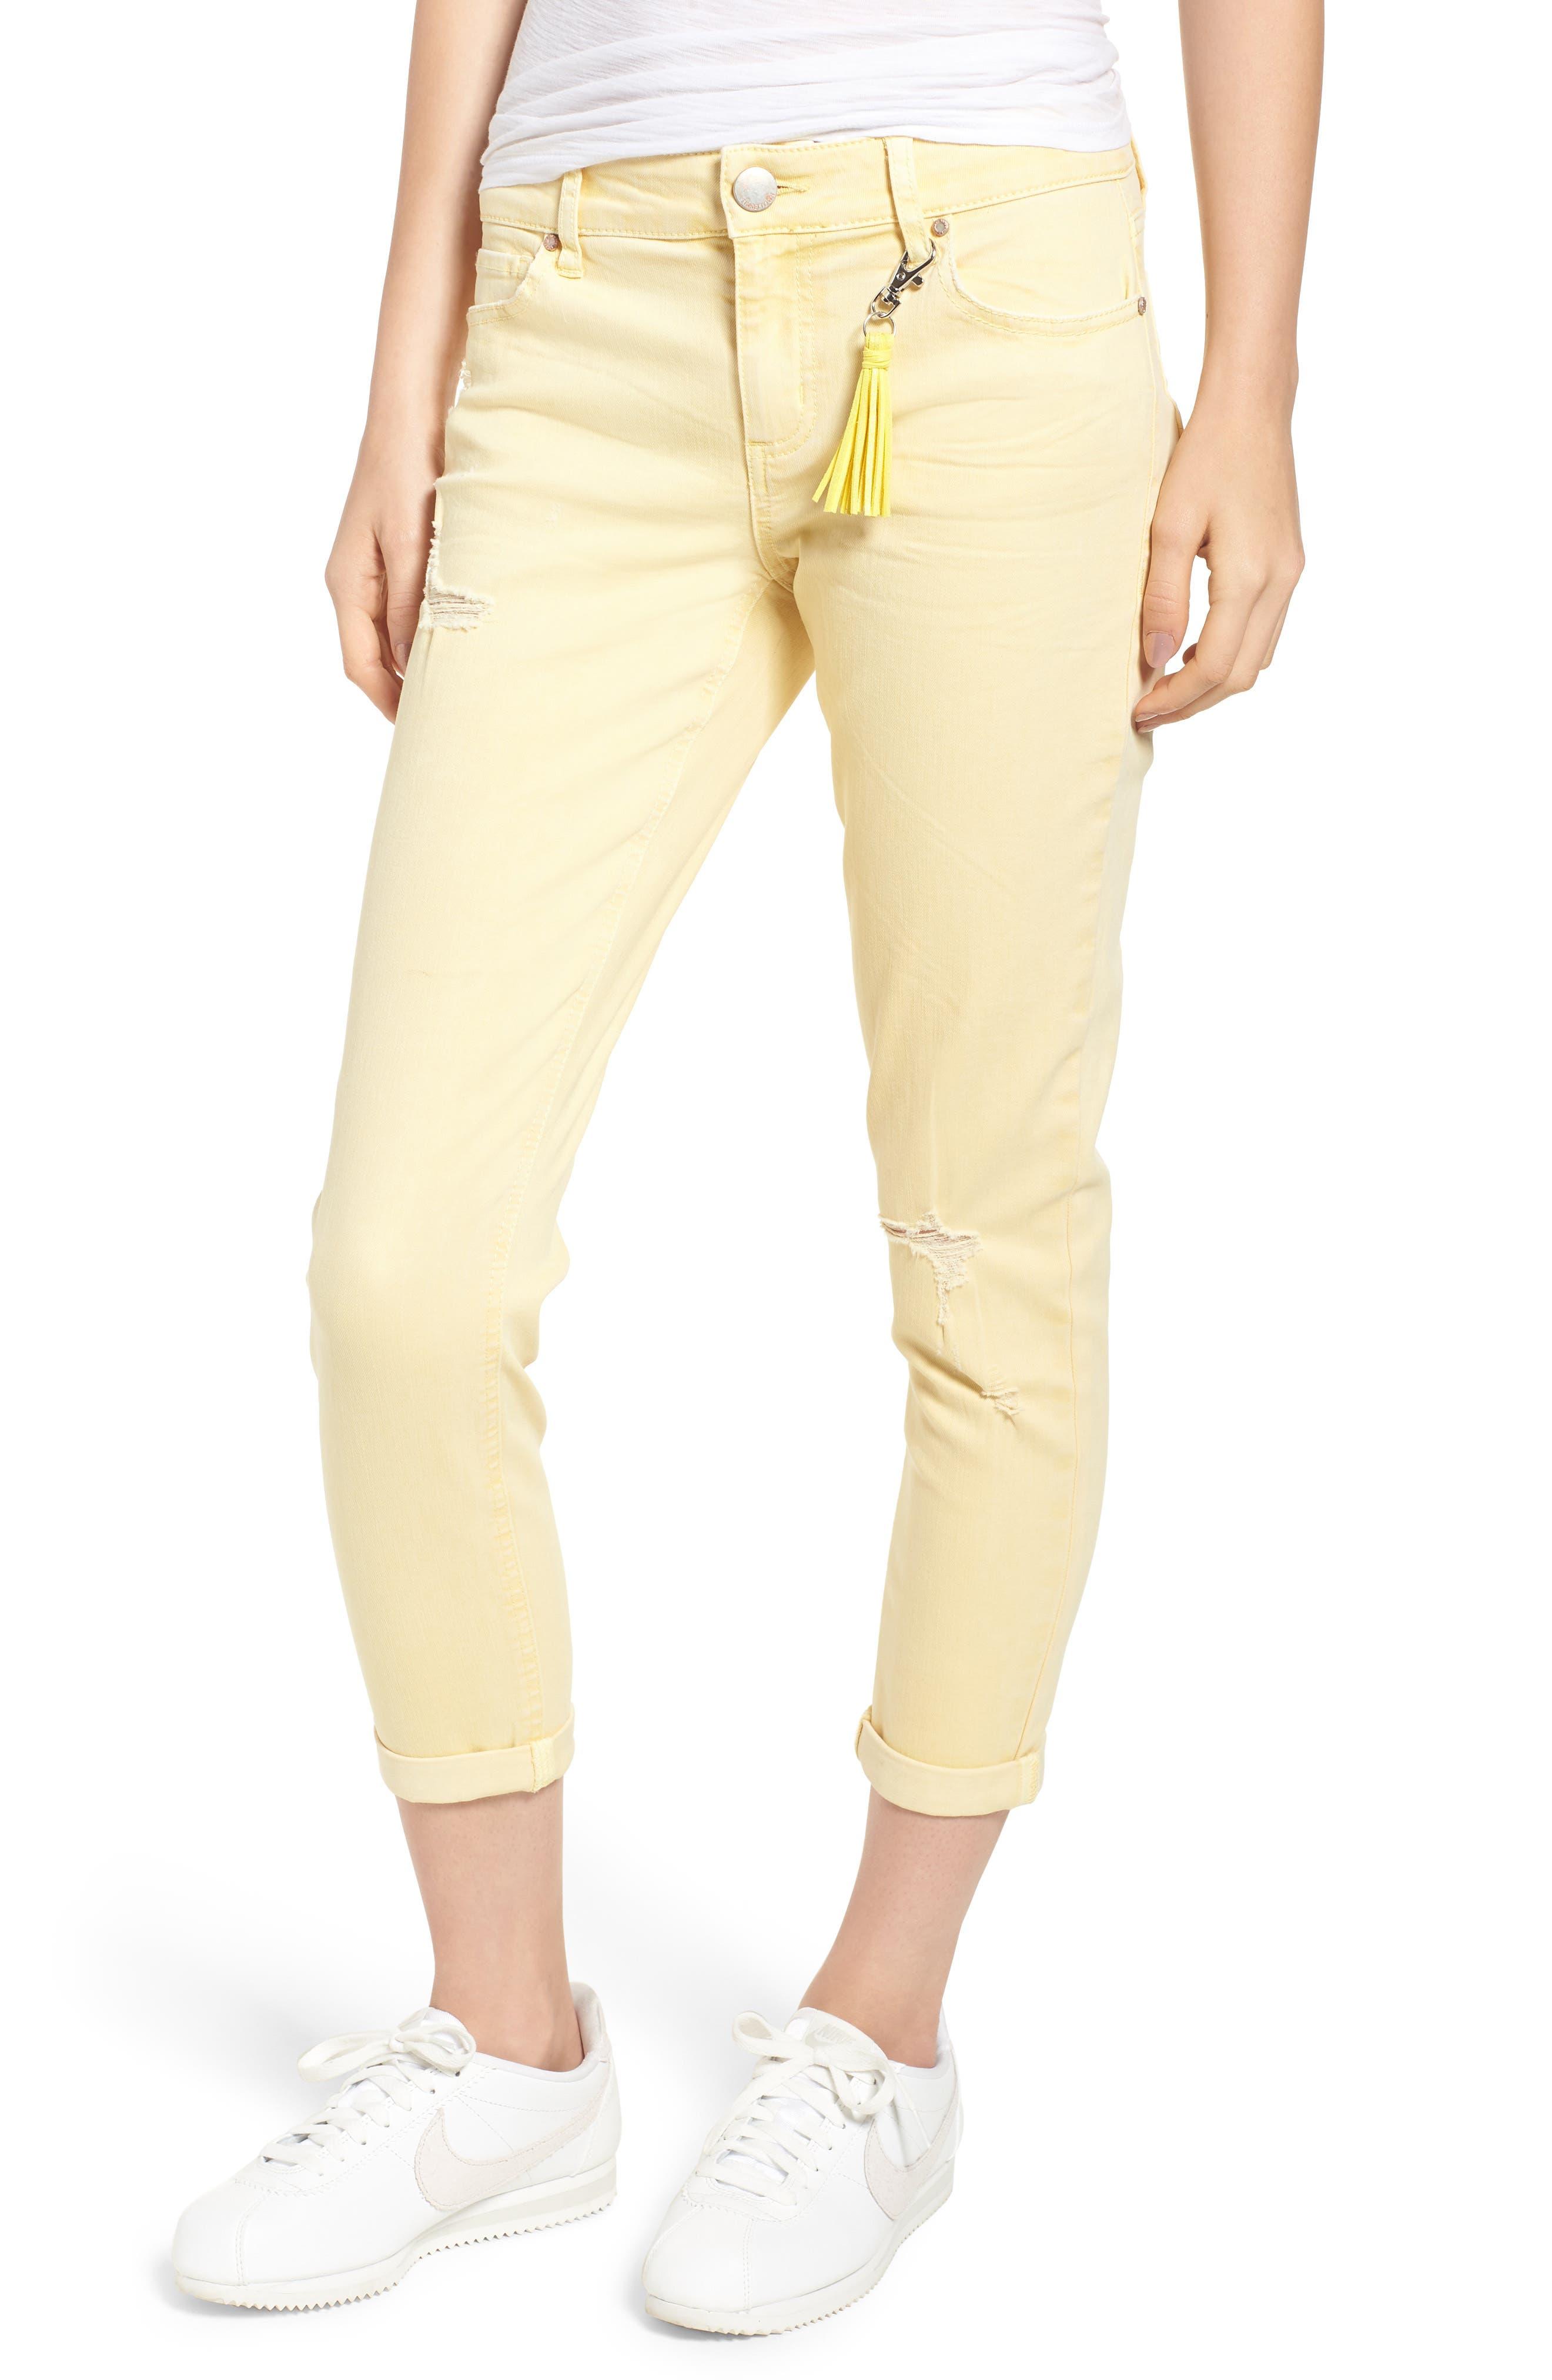 Tinsel Distressed Roll Cuff Skinny Jeans